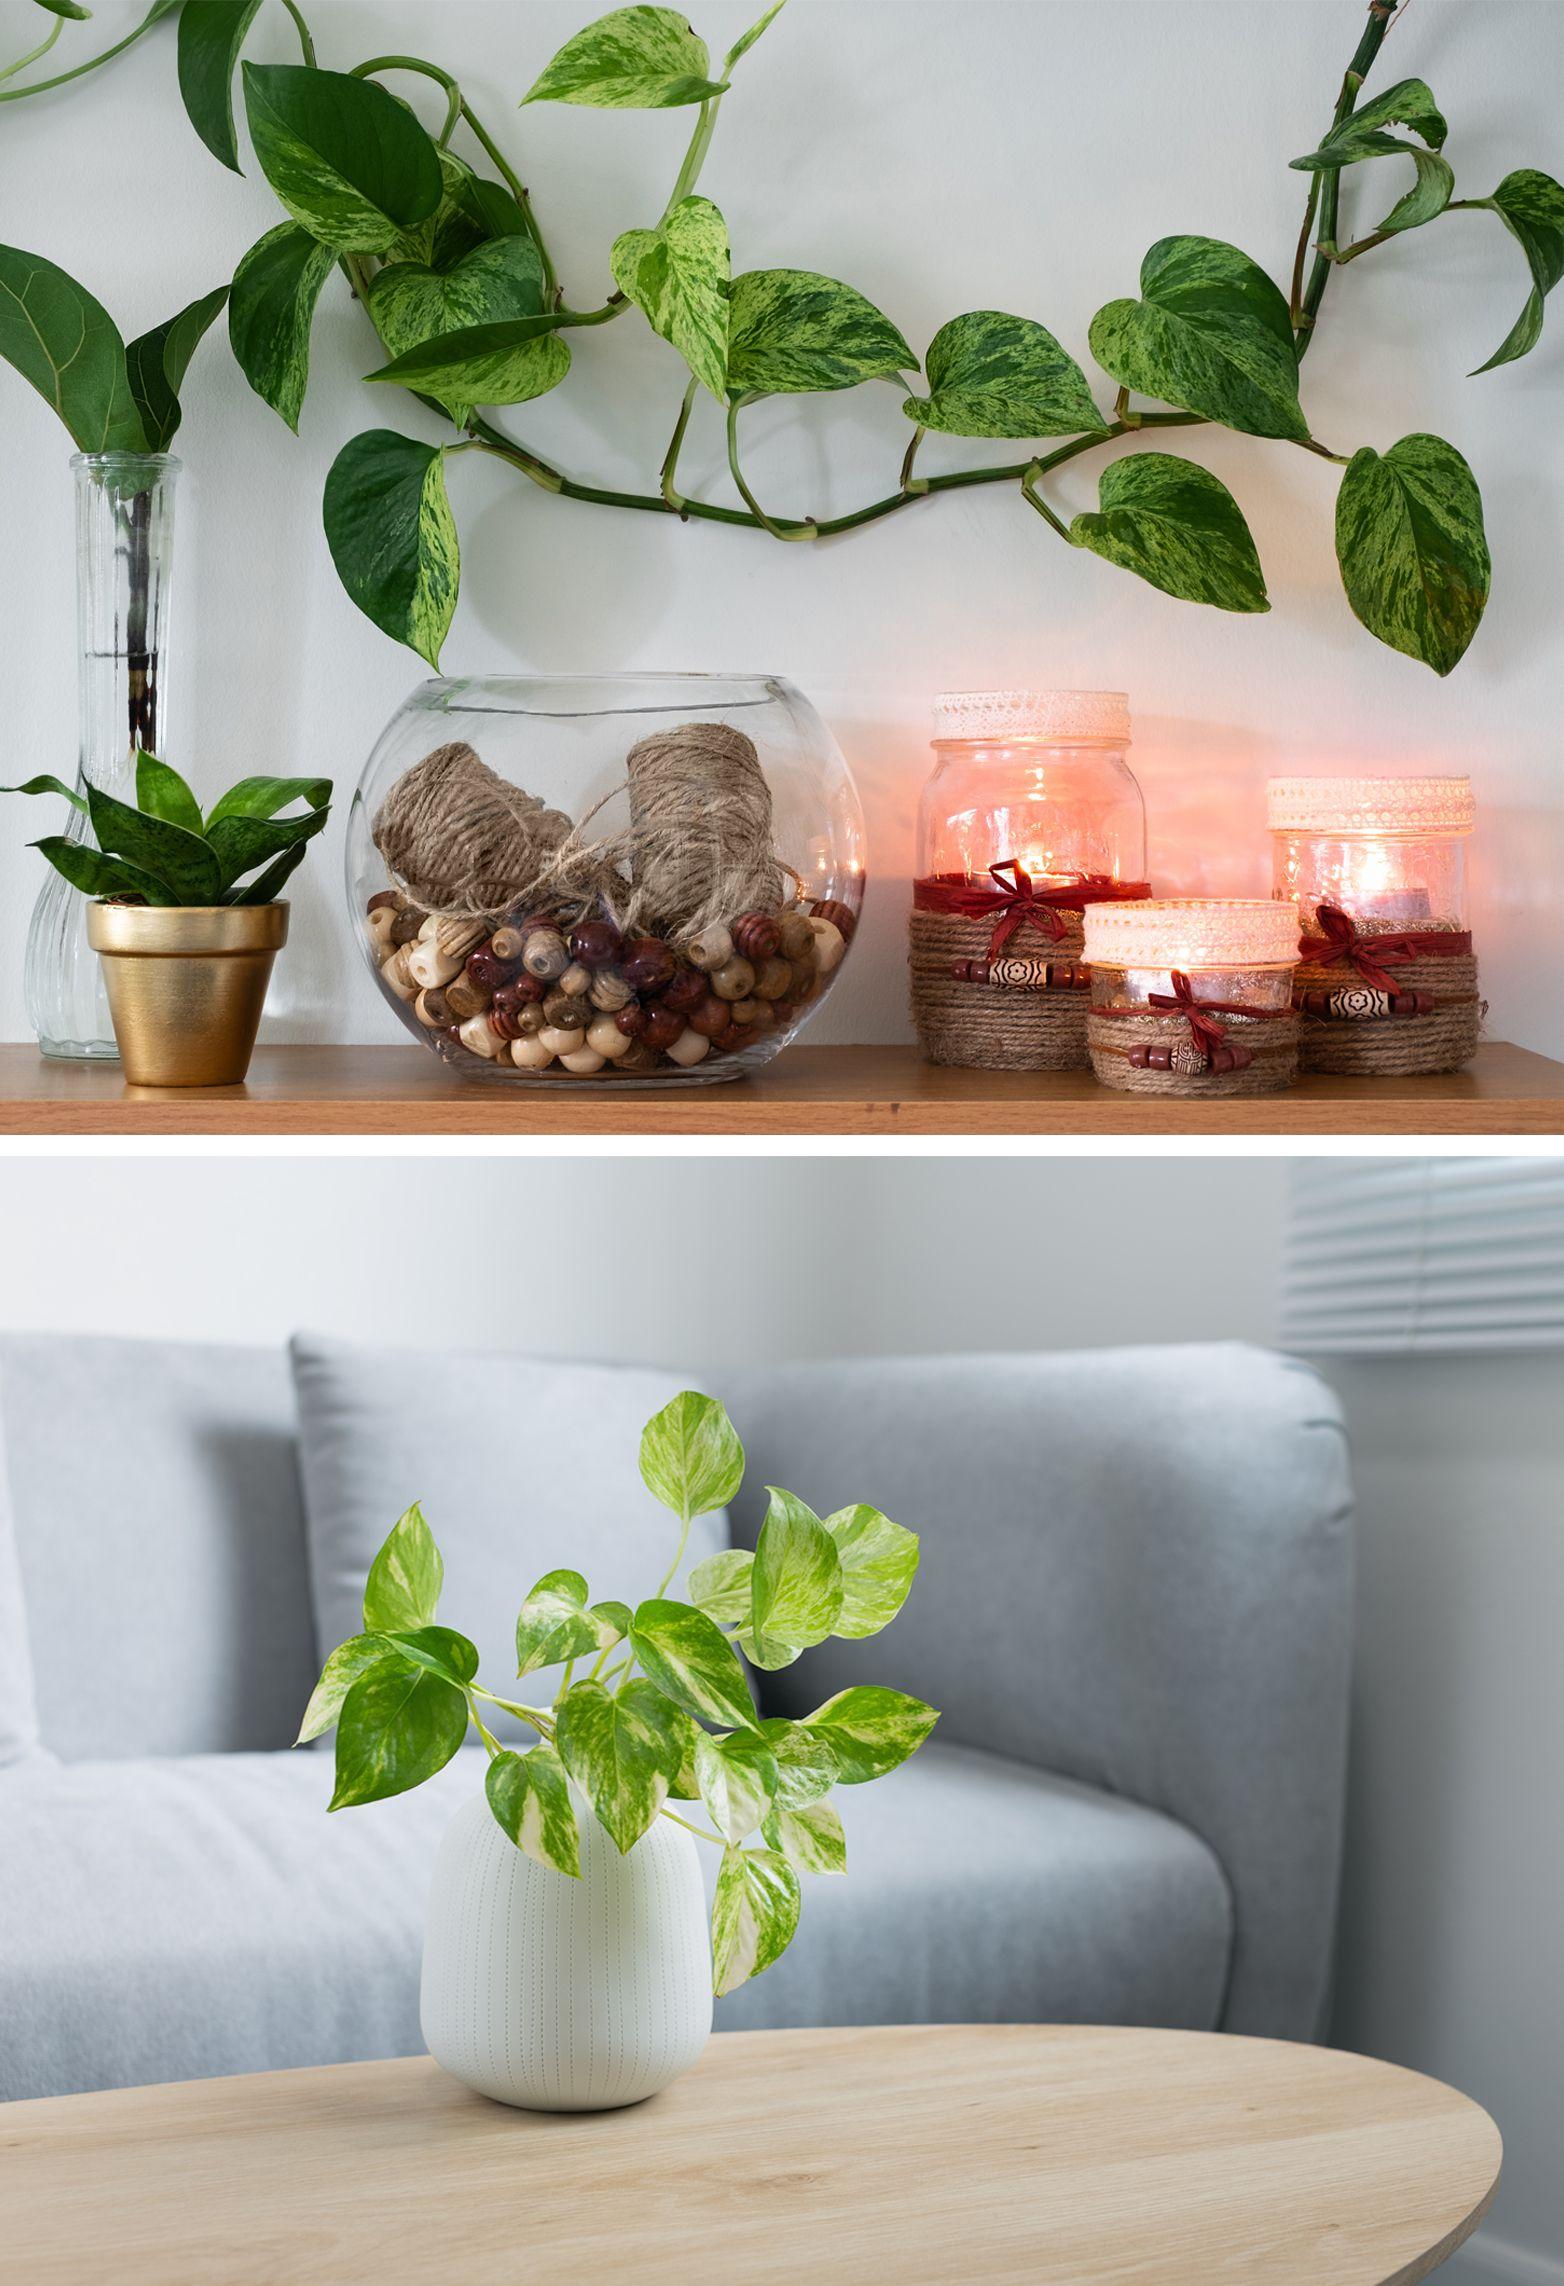 money plant vastu - indoor plant